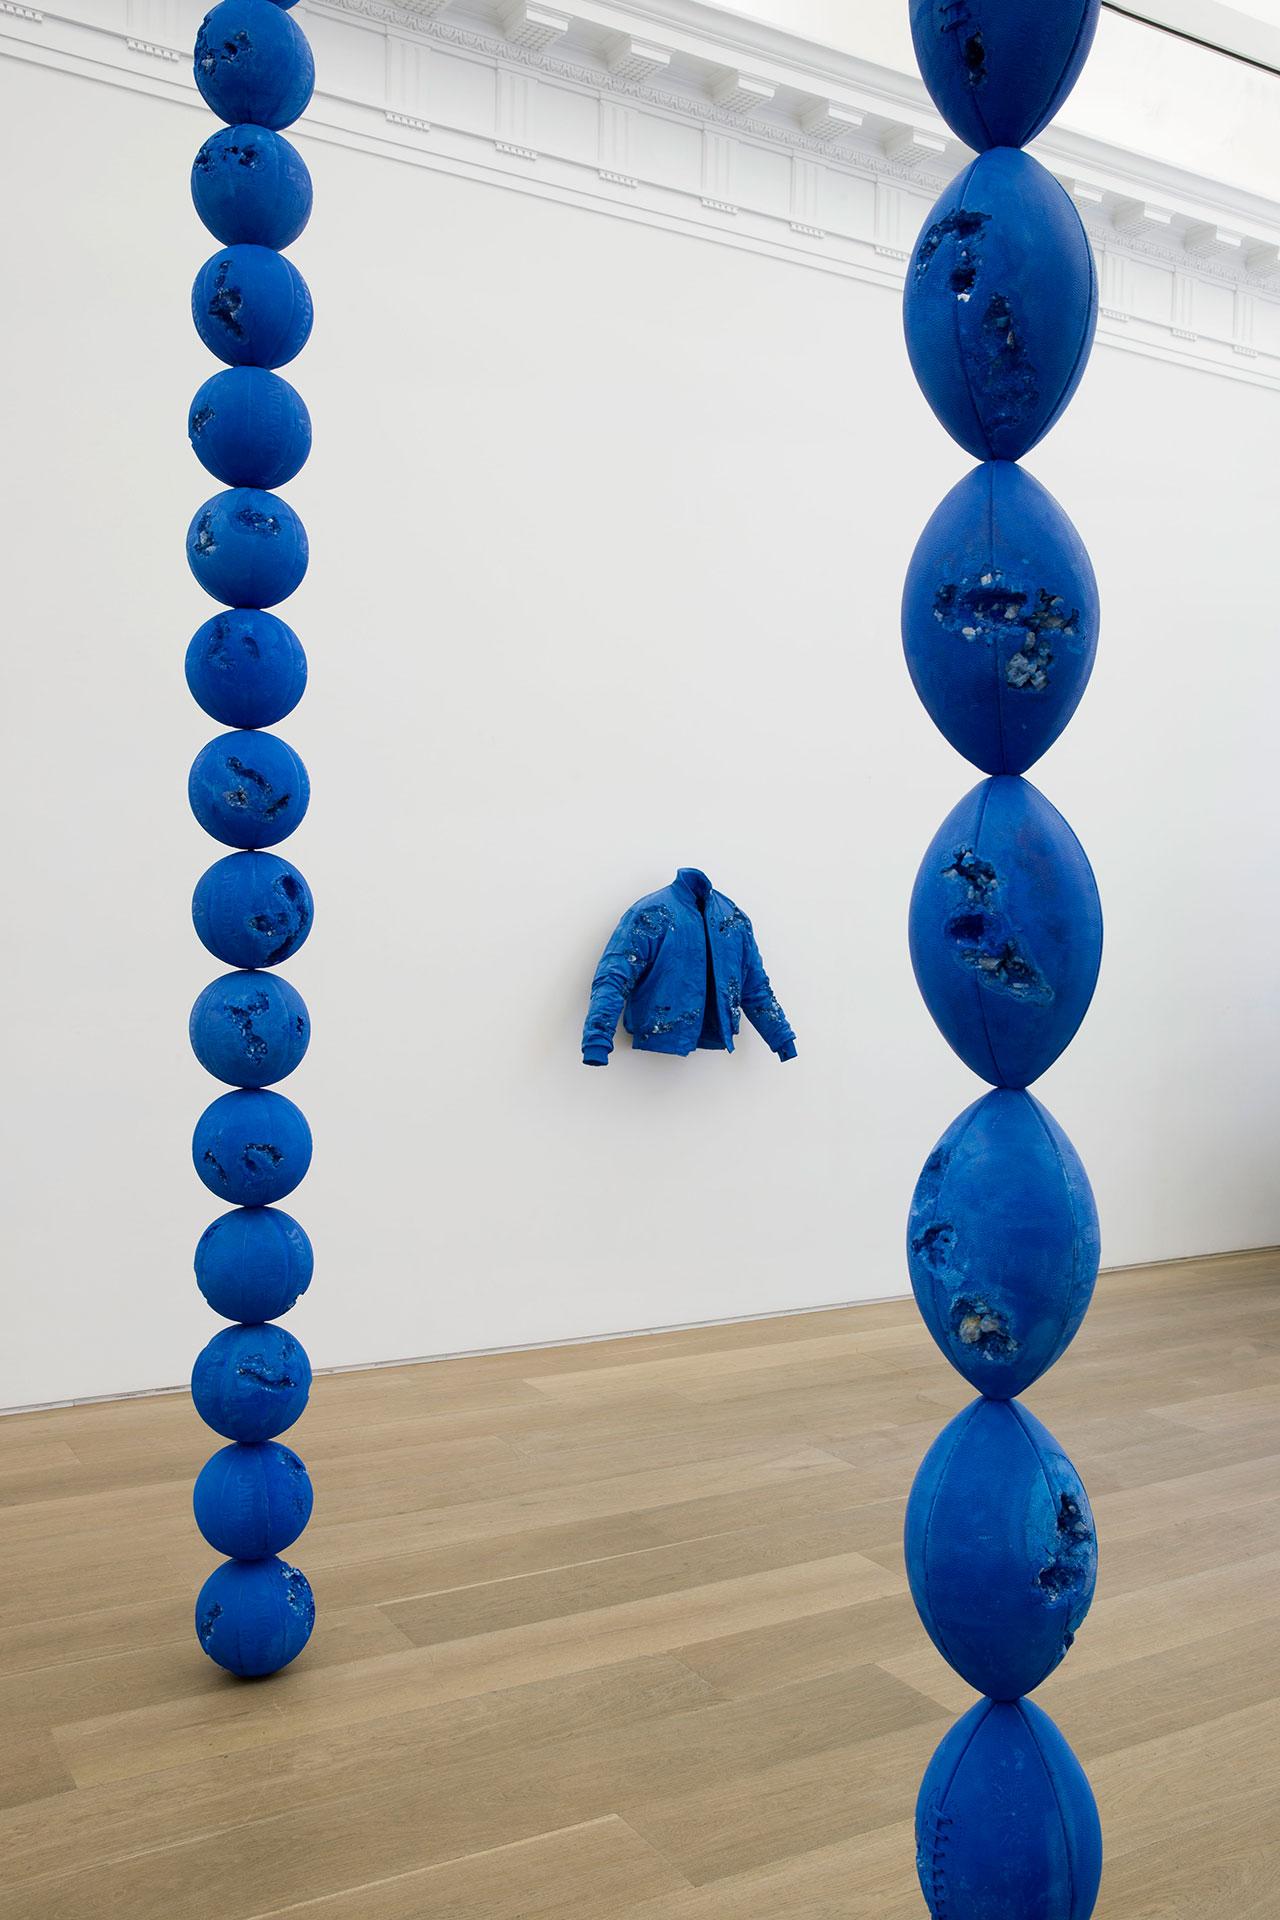 GaleriePerrotinDanielArshamInstallationImageryCourtesyofGuillaumeZiccarelli13